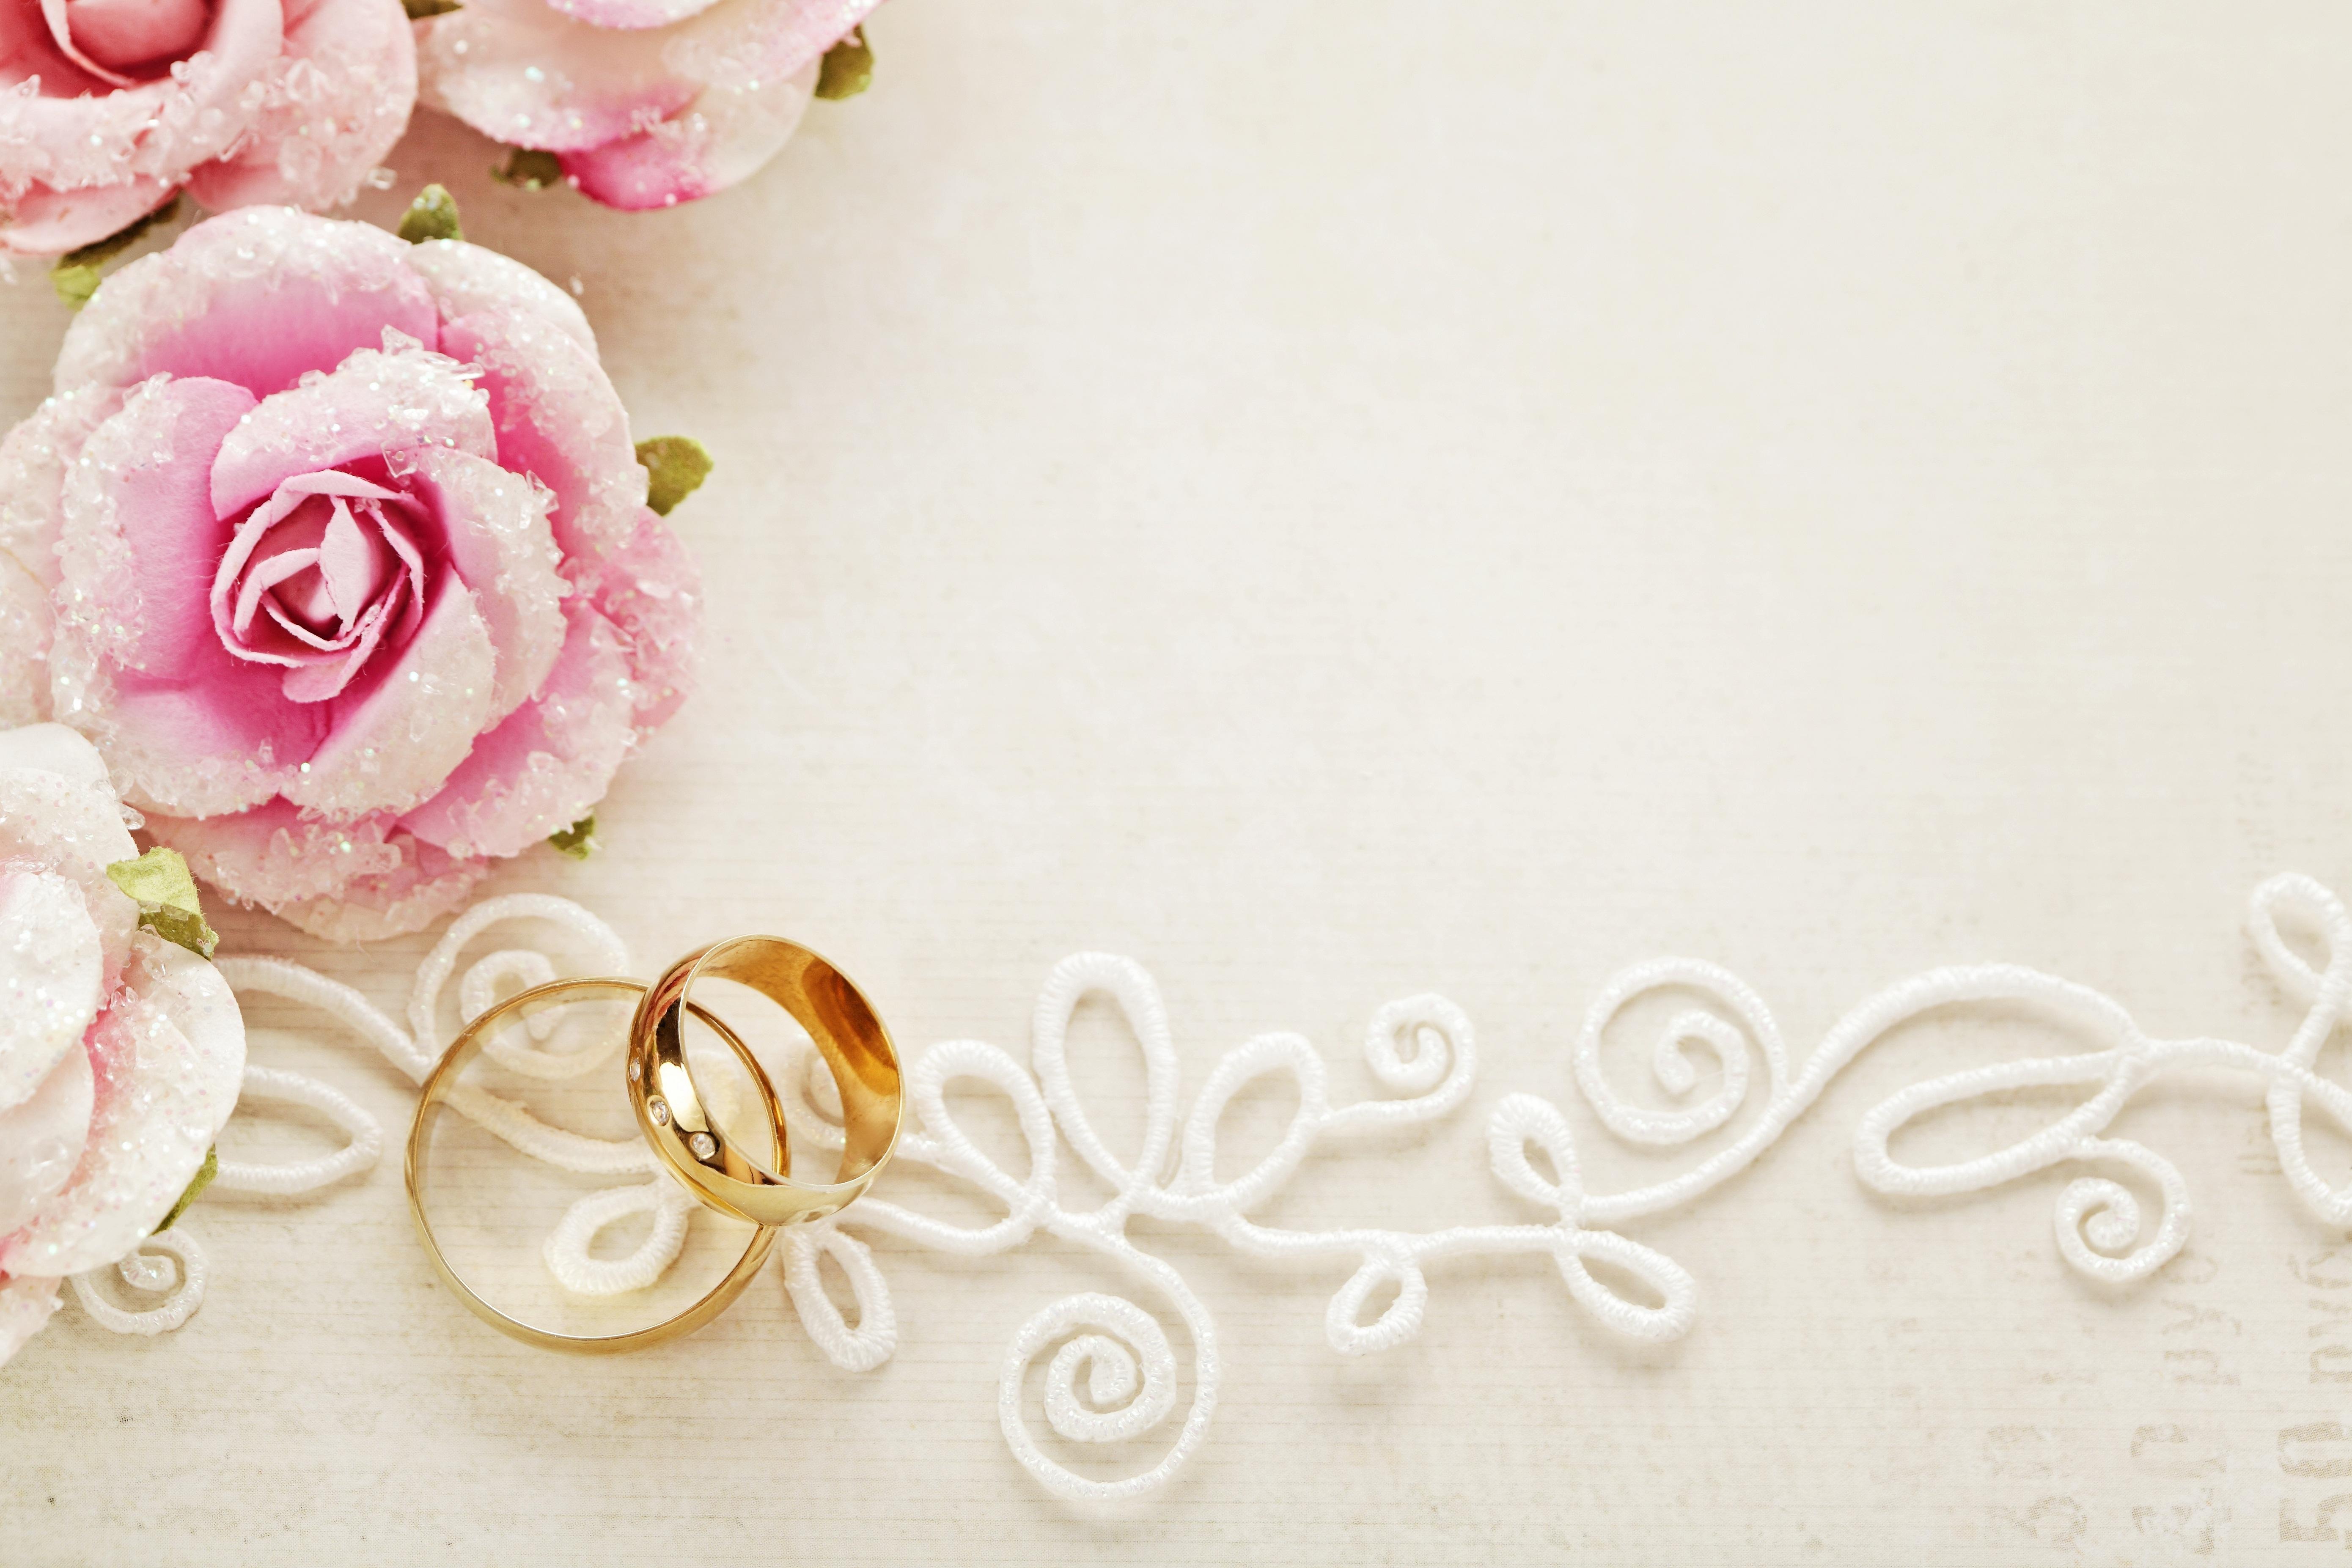 С днем свадьбы картинки нежные, скотч терьеров